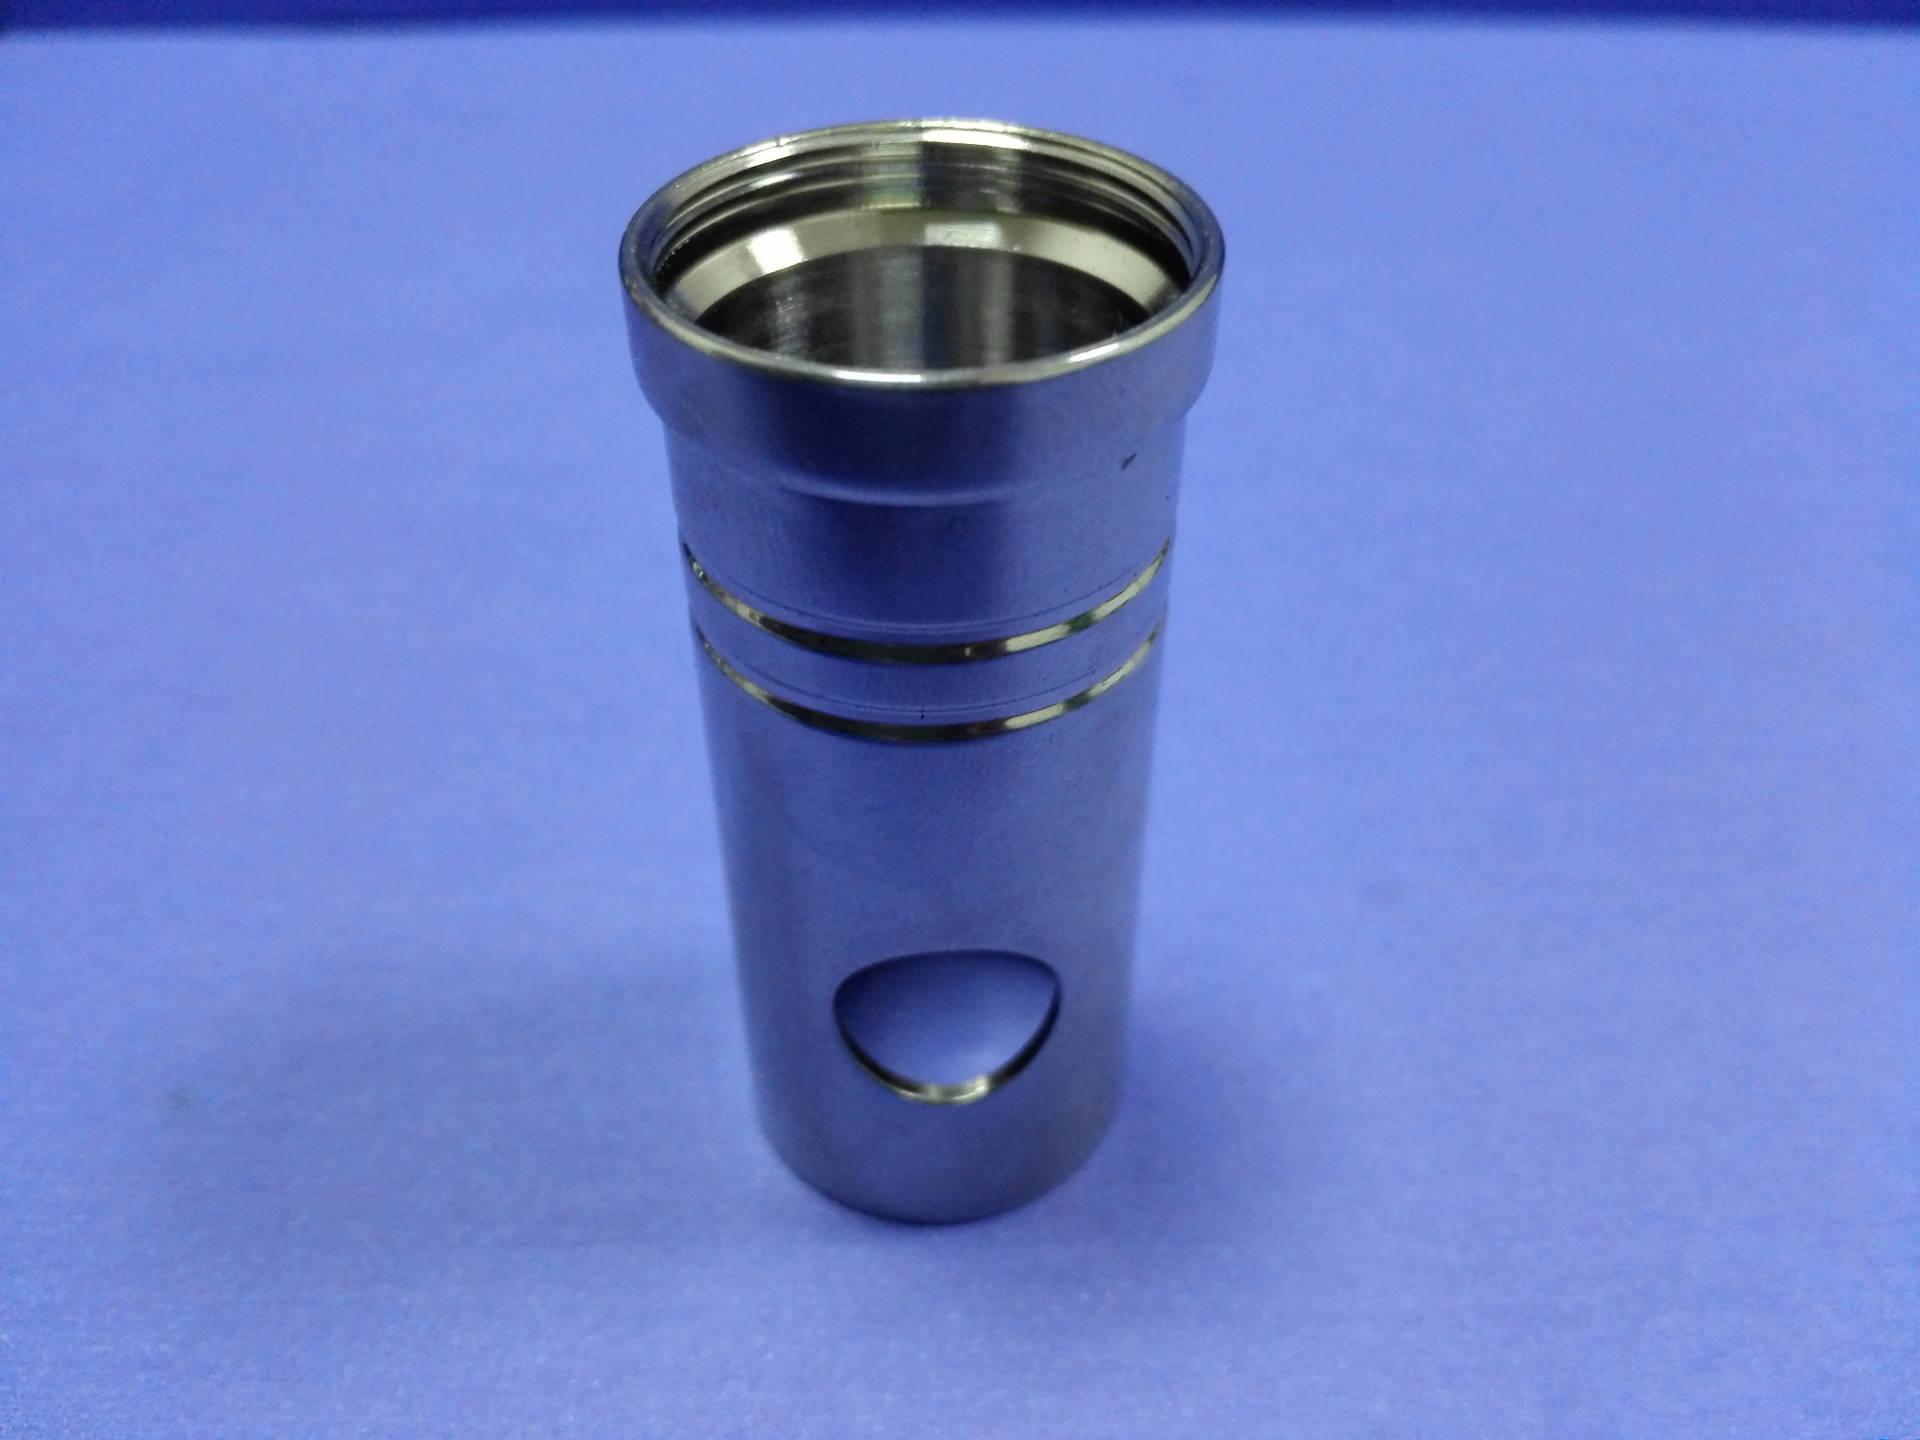 Chuyên sản xuất gia công CNC CNC Phụ kiện phần cứng điện tử Thuốc lá điện tử phần cứng Thuốc lá điện